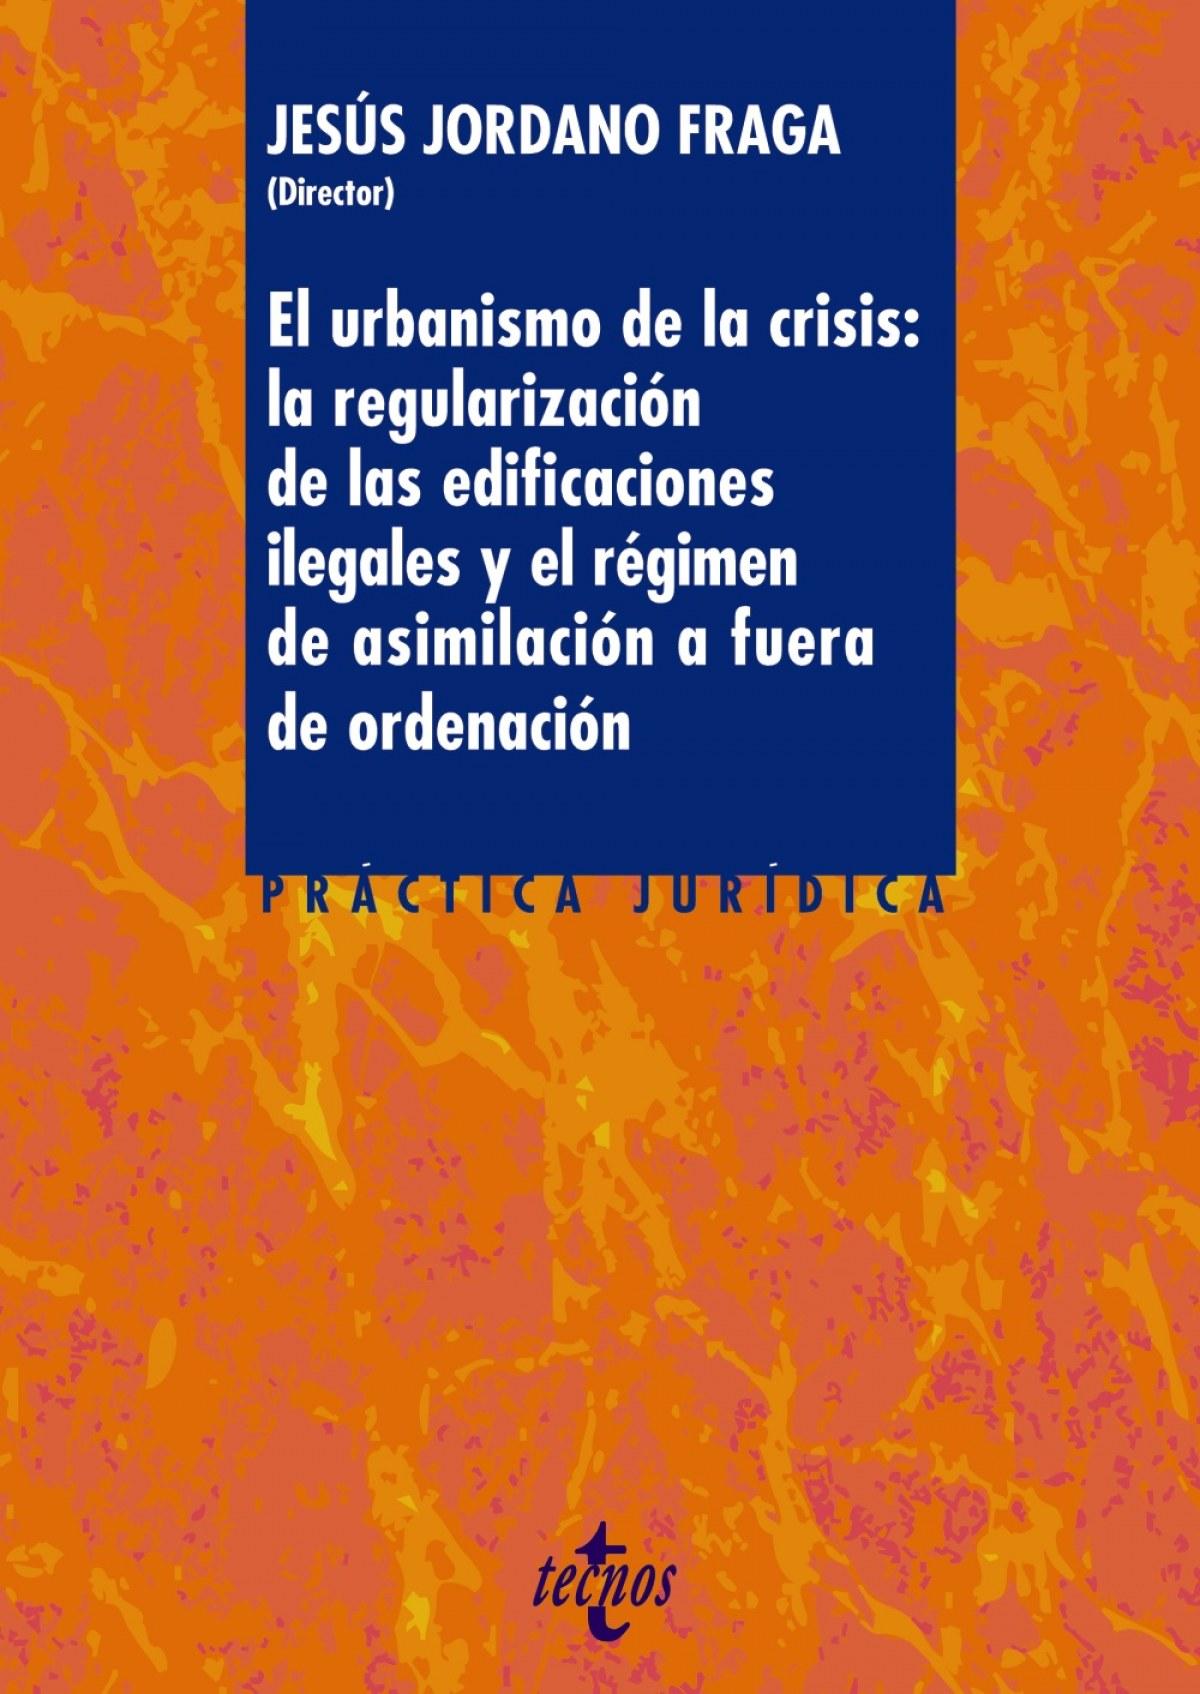 El urbanismo de la crisis